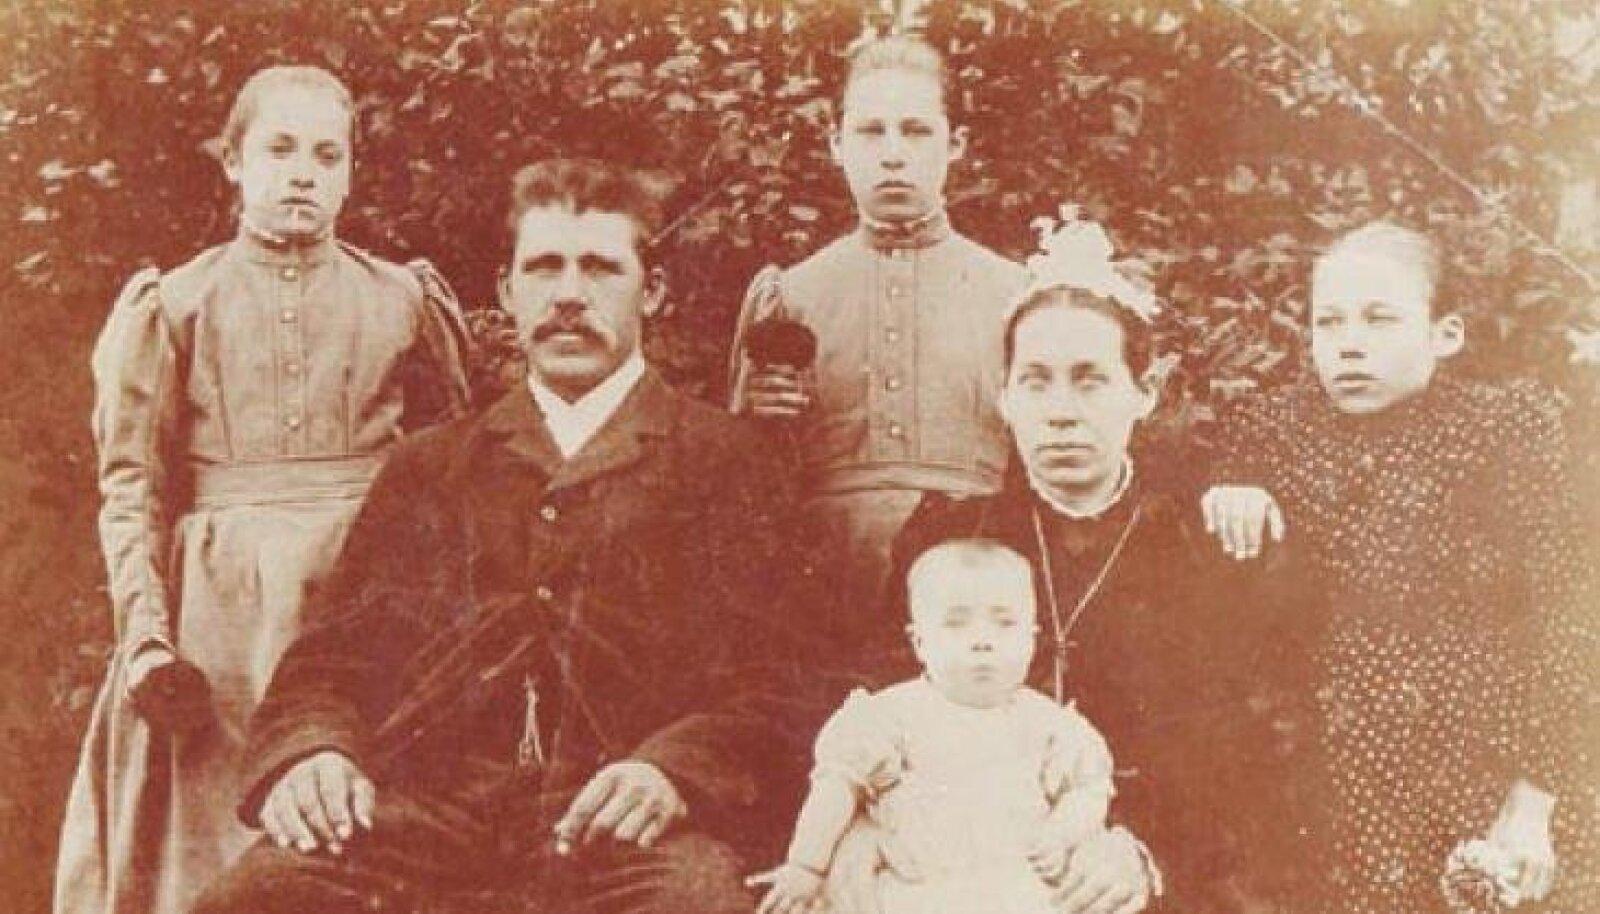 Säilinud on foto perekond Mühlbergist 1902. aastal. Pildil vasakult: Rosalie Mühlberg (11), Johannes Mühlberg (41), Olga Mühlberg (14), Pauliine (42) koos aastase Rudolfiga, Adeele (16).